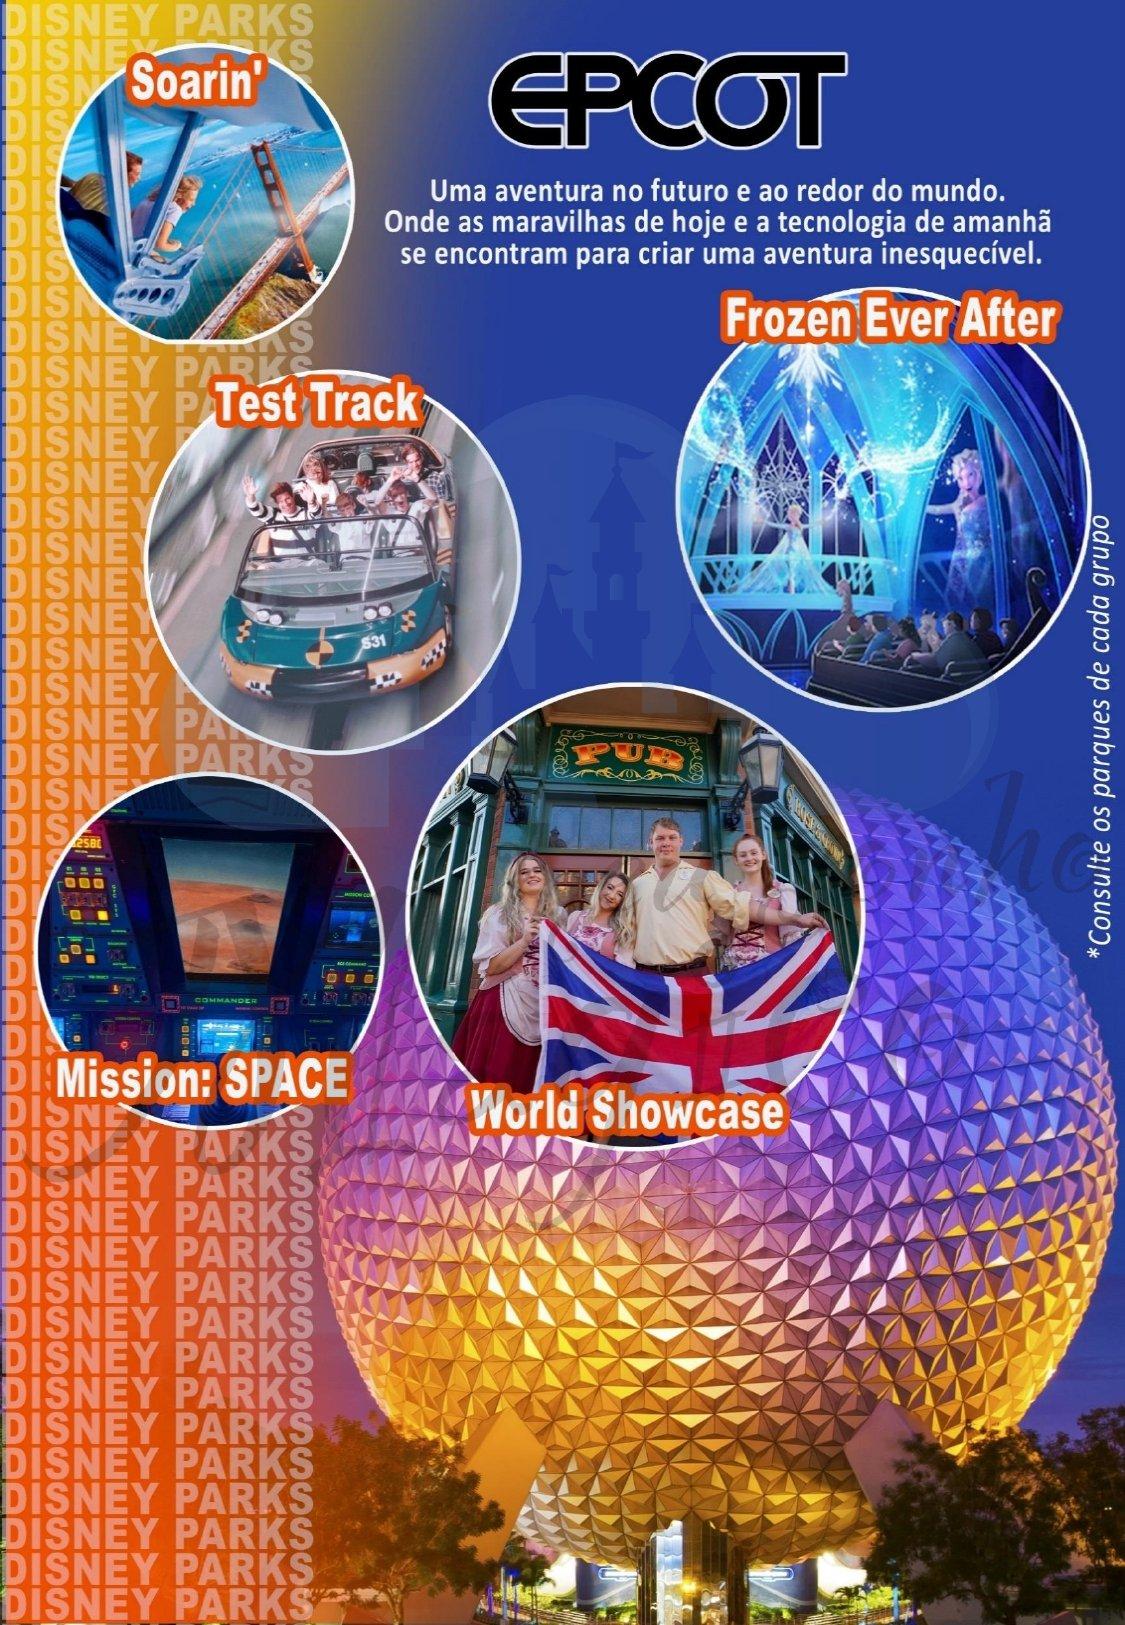 Grupo Teen Verão - Disney Julho 2021 9